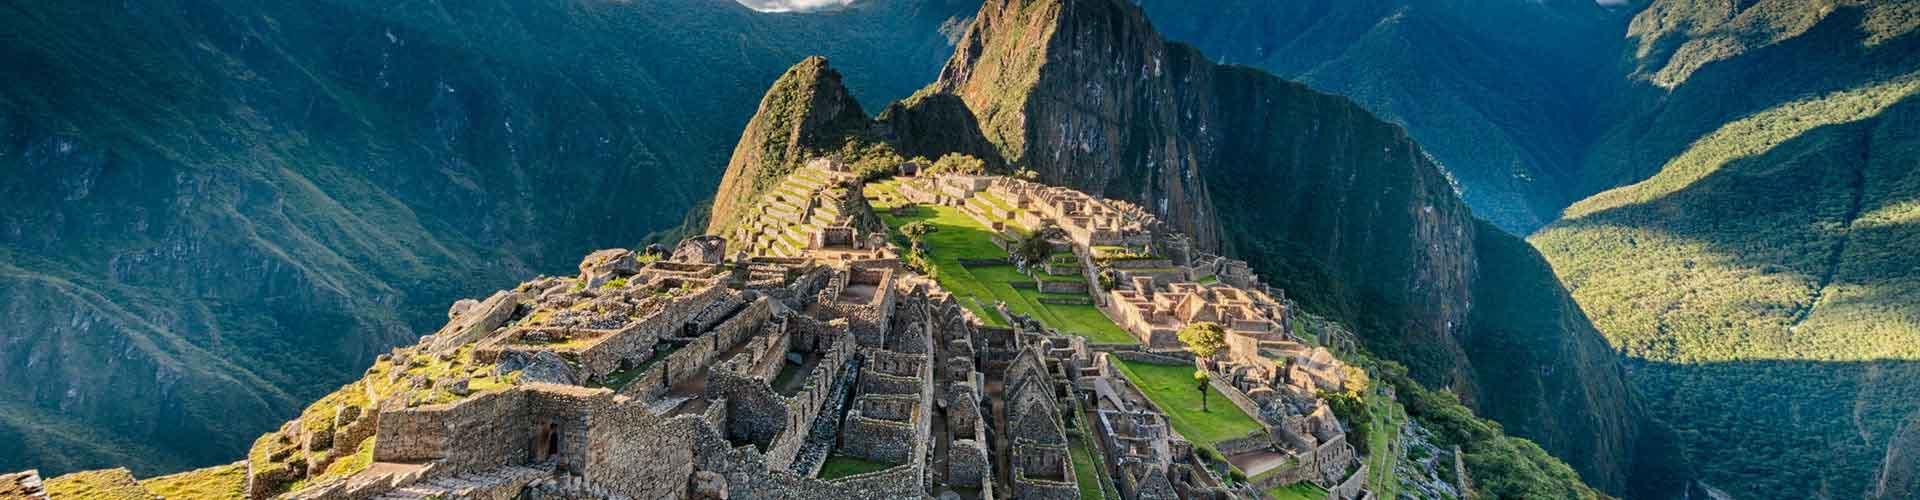 Cusco - Ifjúsági Szállások Cuscoben. Cusco térképek, fotók és ajánlások minden egyes ifjúsági szállásokra Cusco-ben.